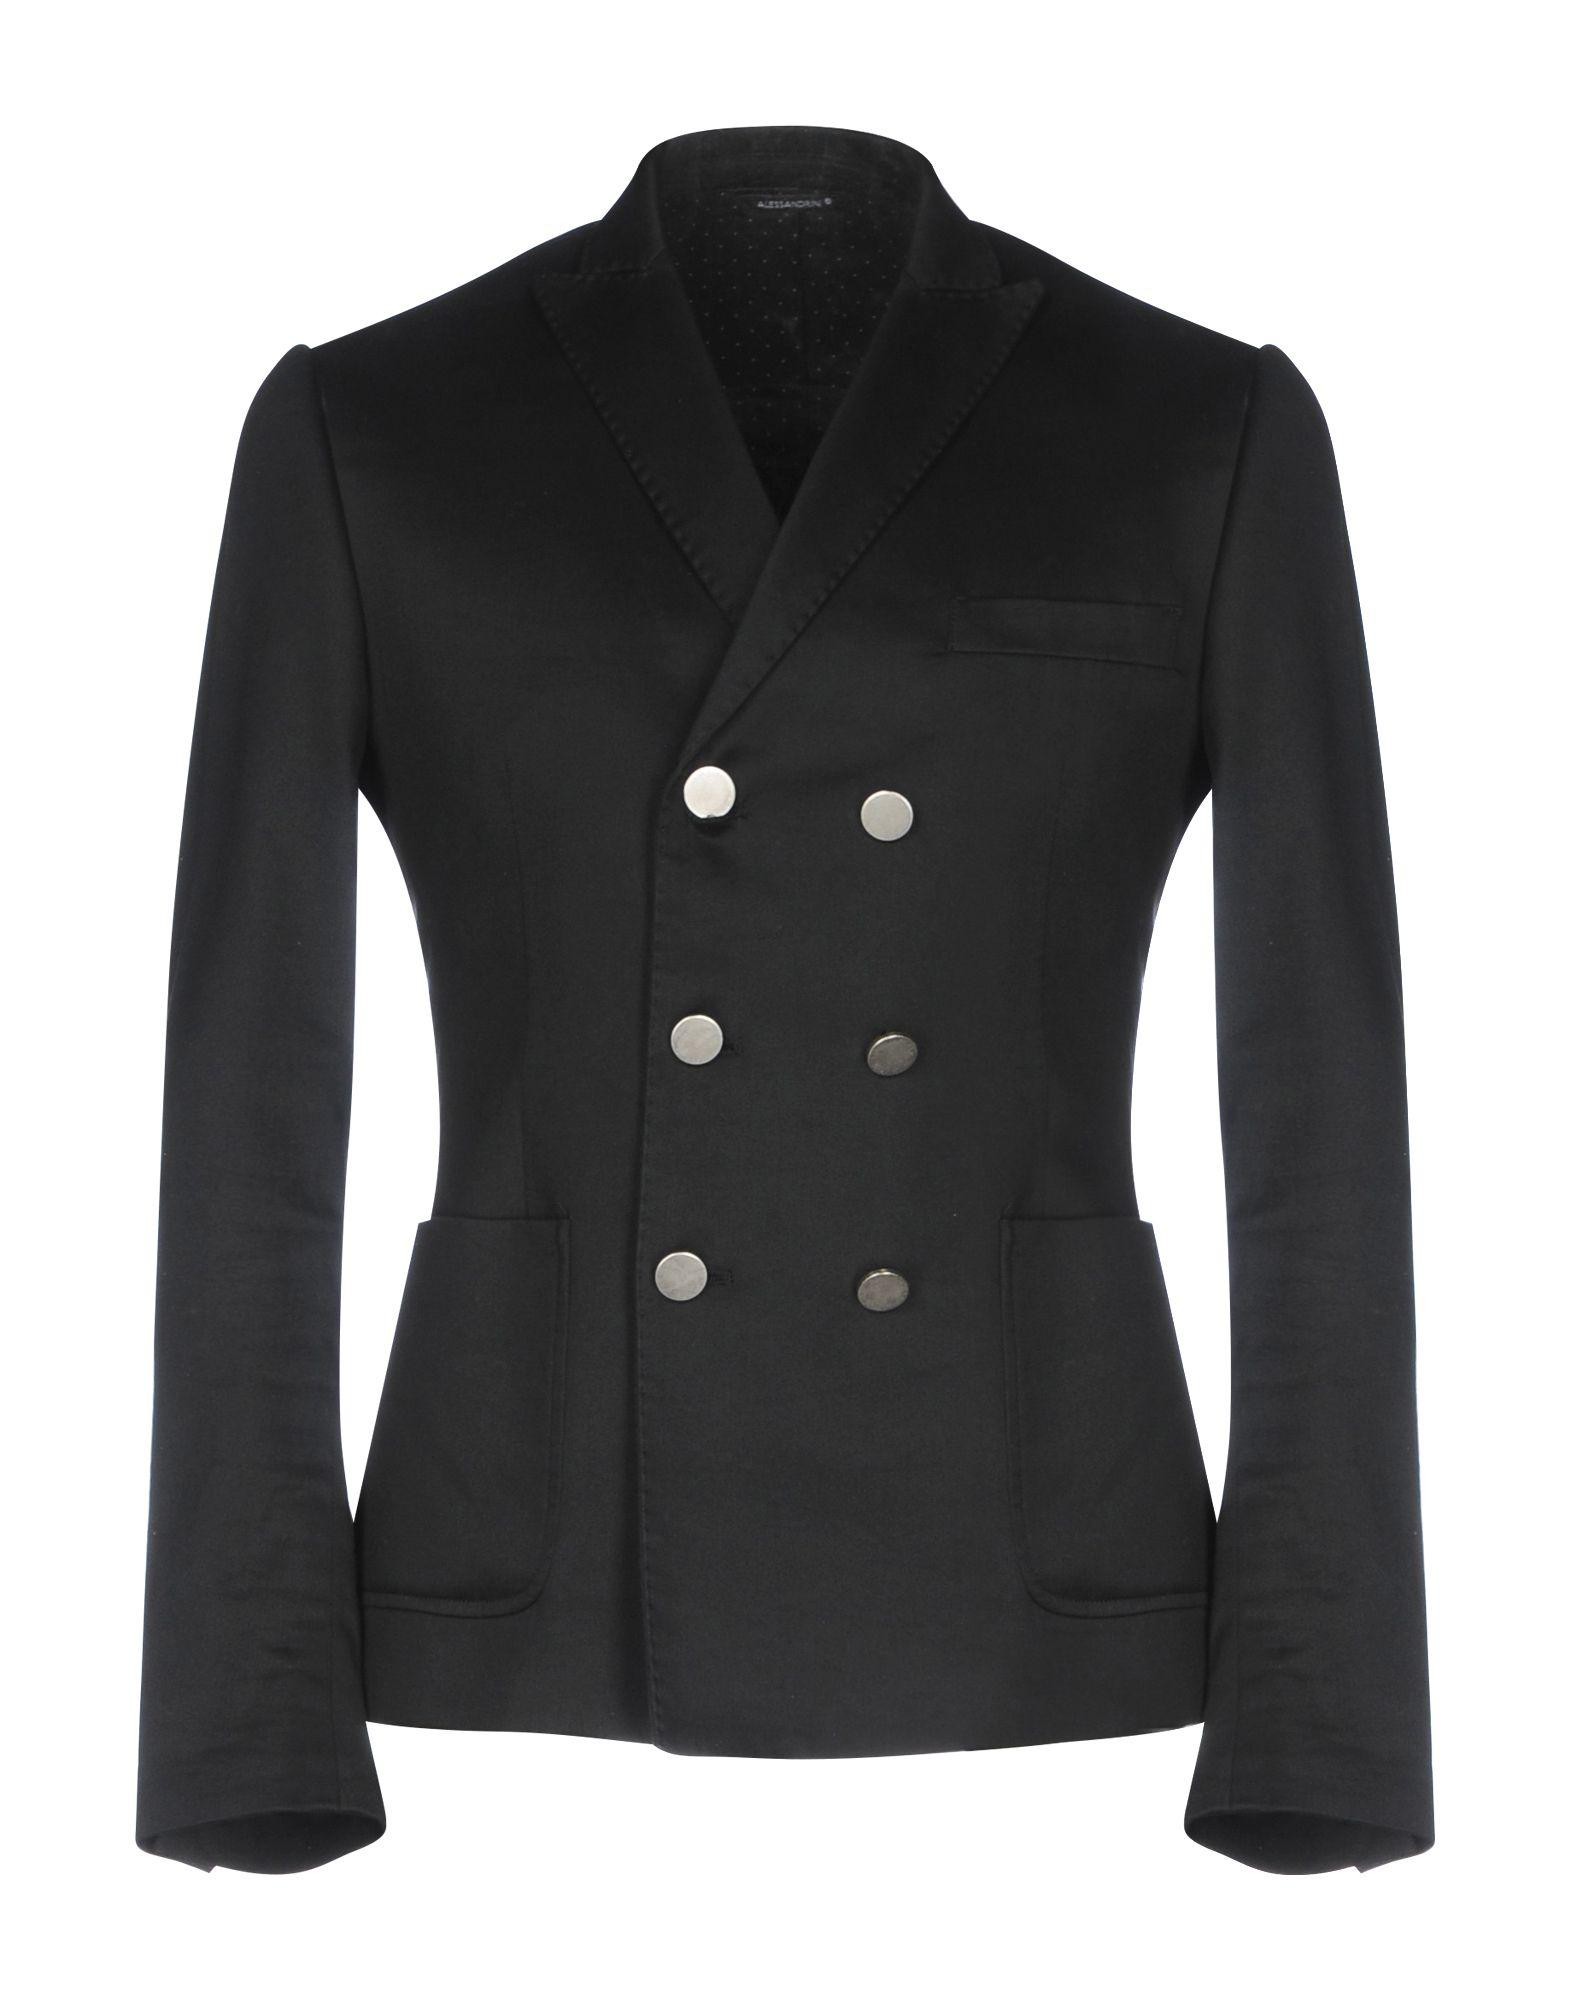 GREY DANIELE ALESSANDRINI Blazers in Black